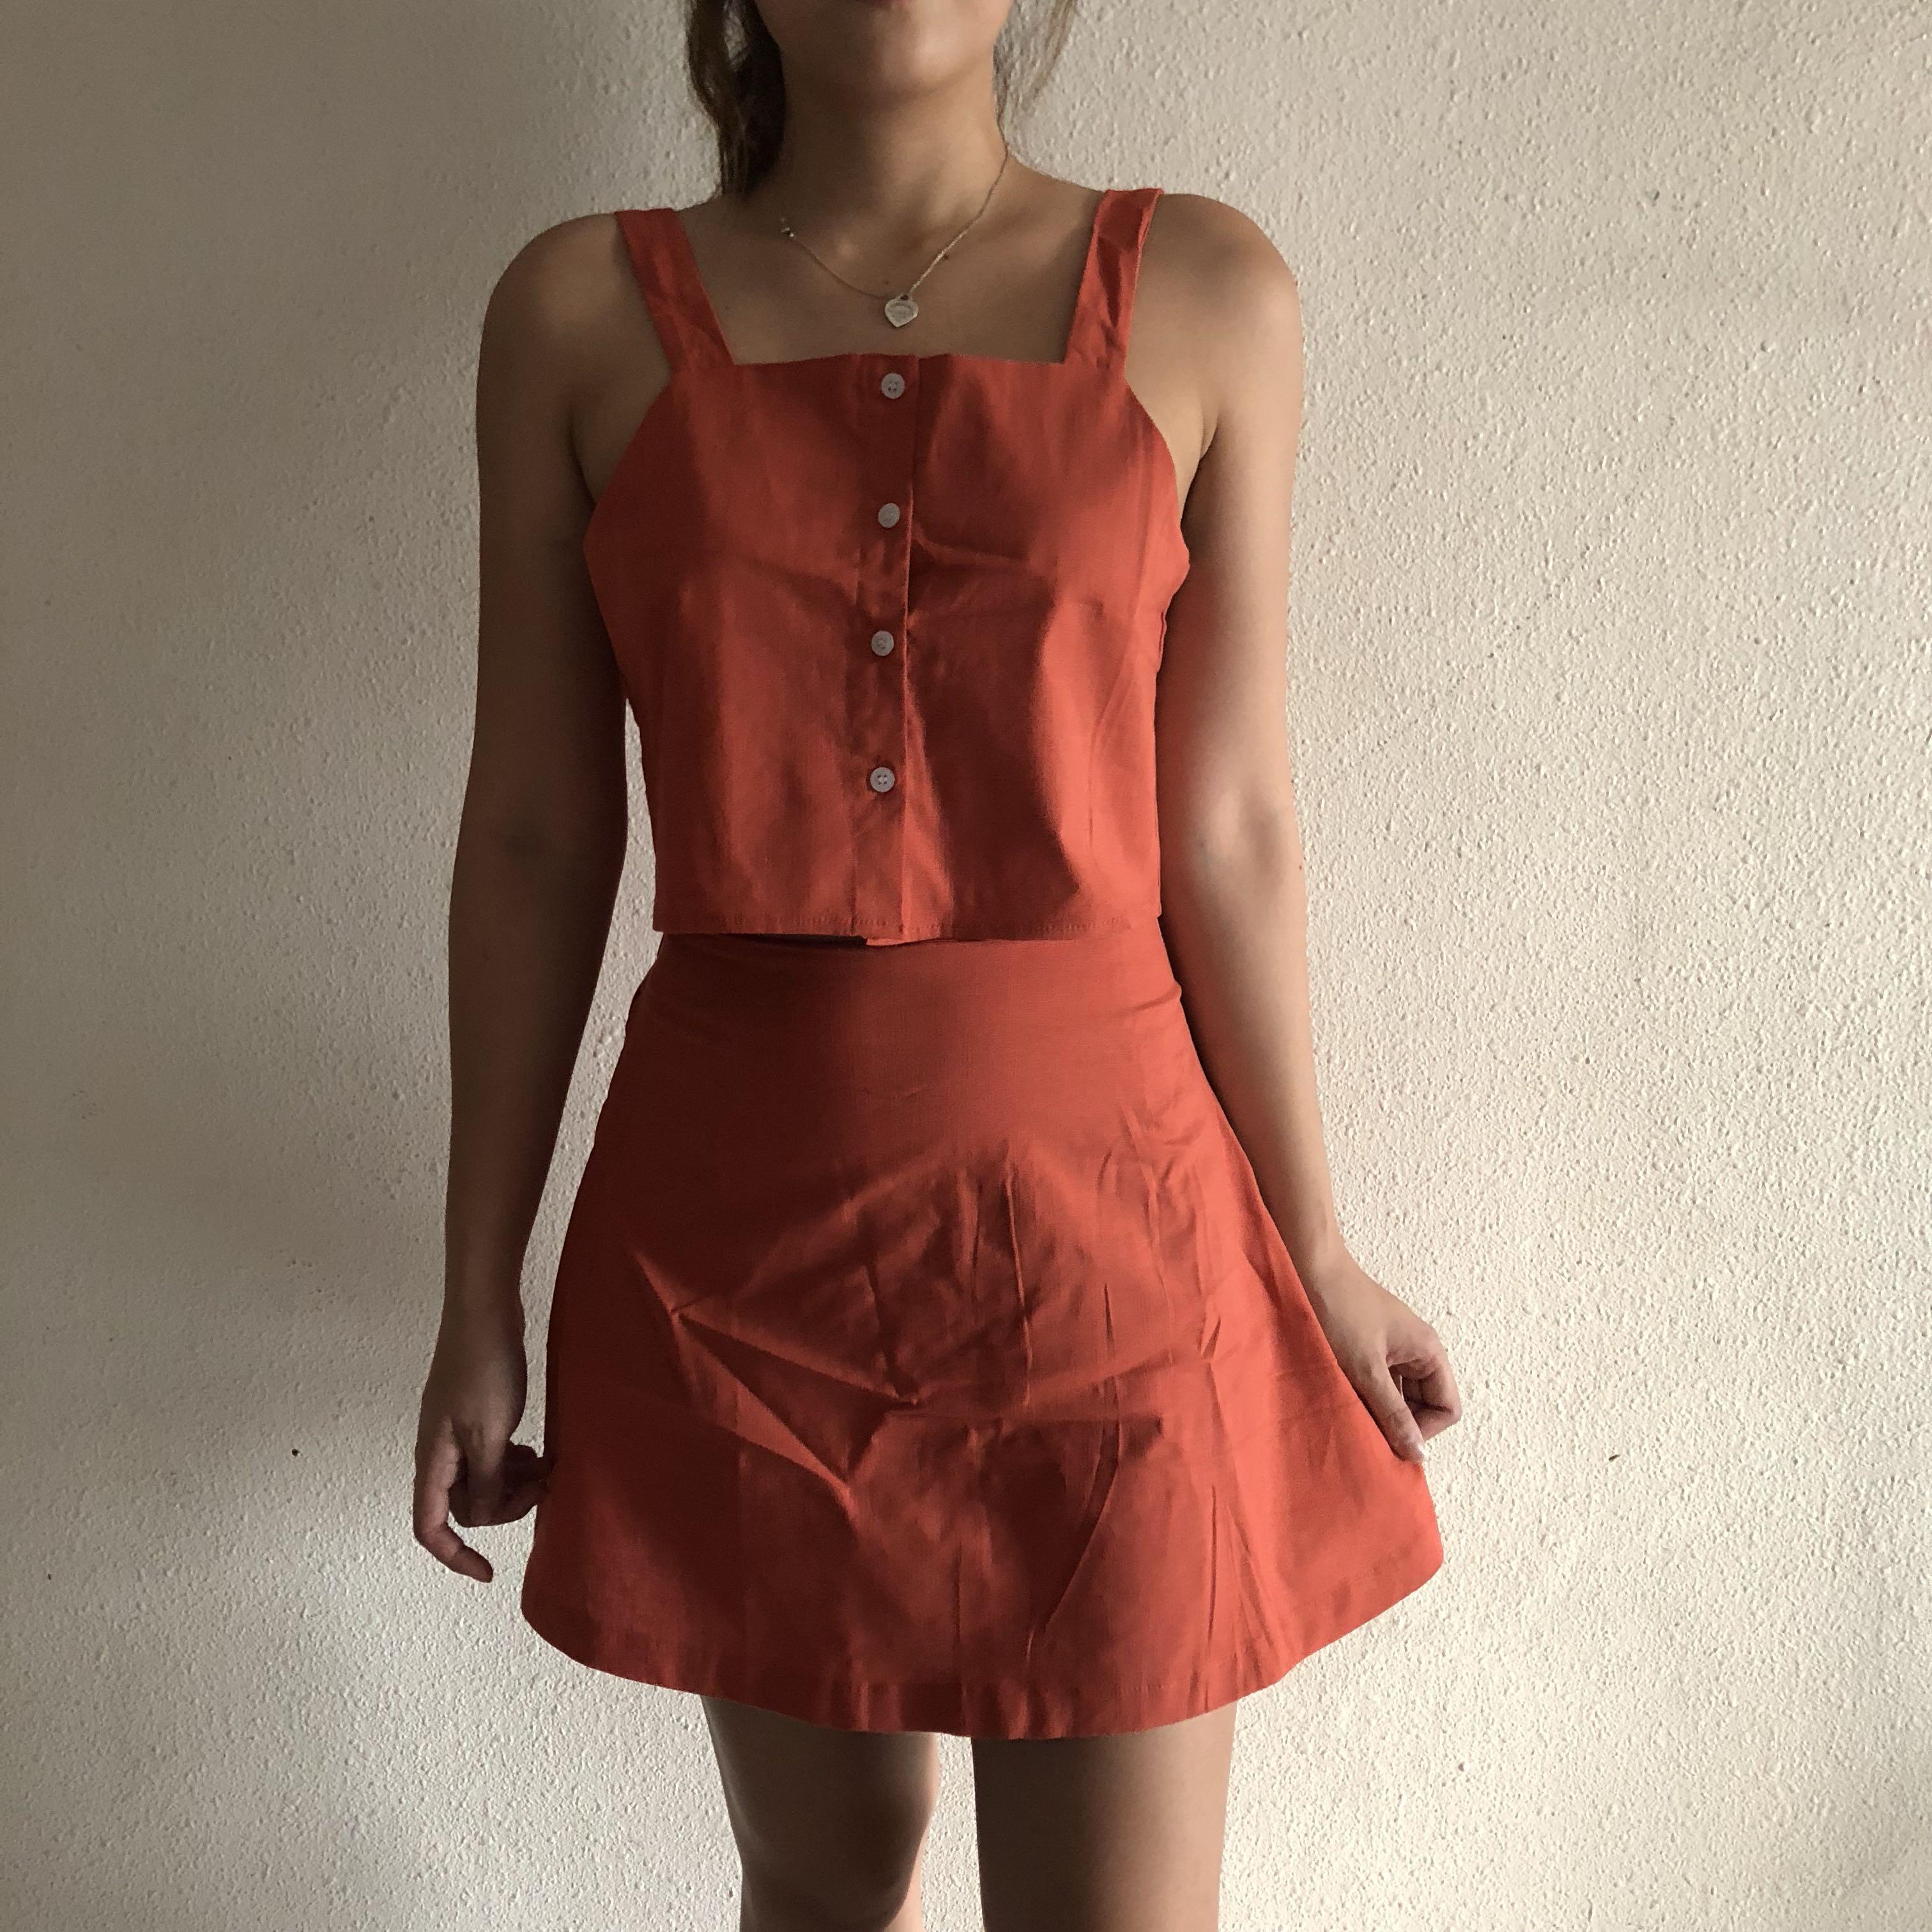 53c53002ae BN Salmon Orange Two-Piece Ser (UK 6-8), Women's Fashion, Clothes ...